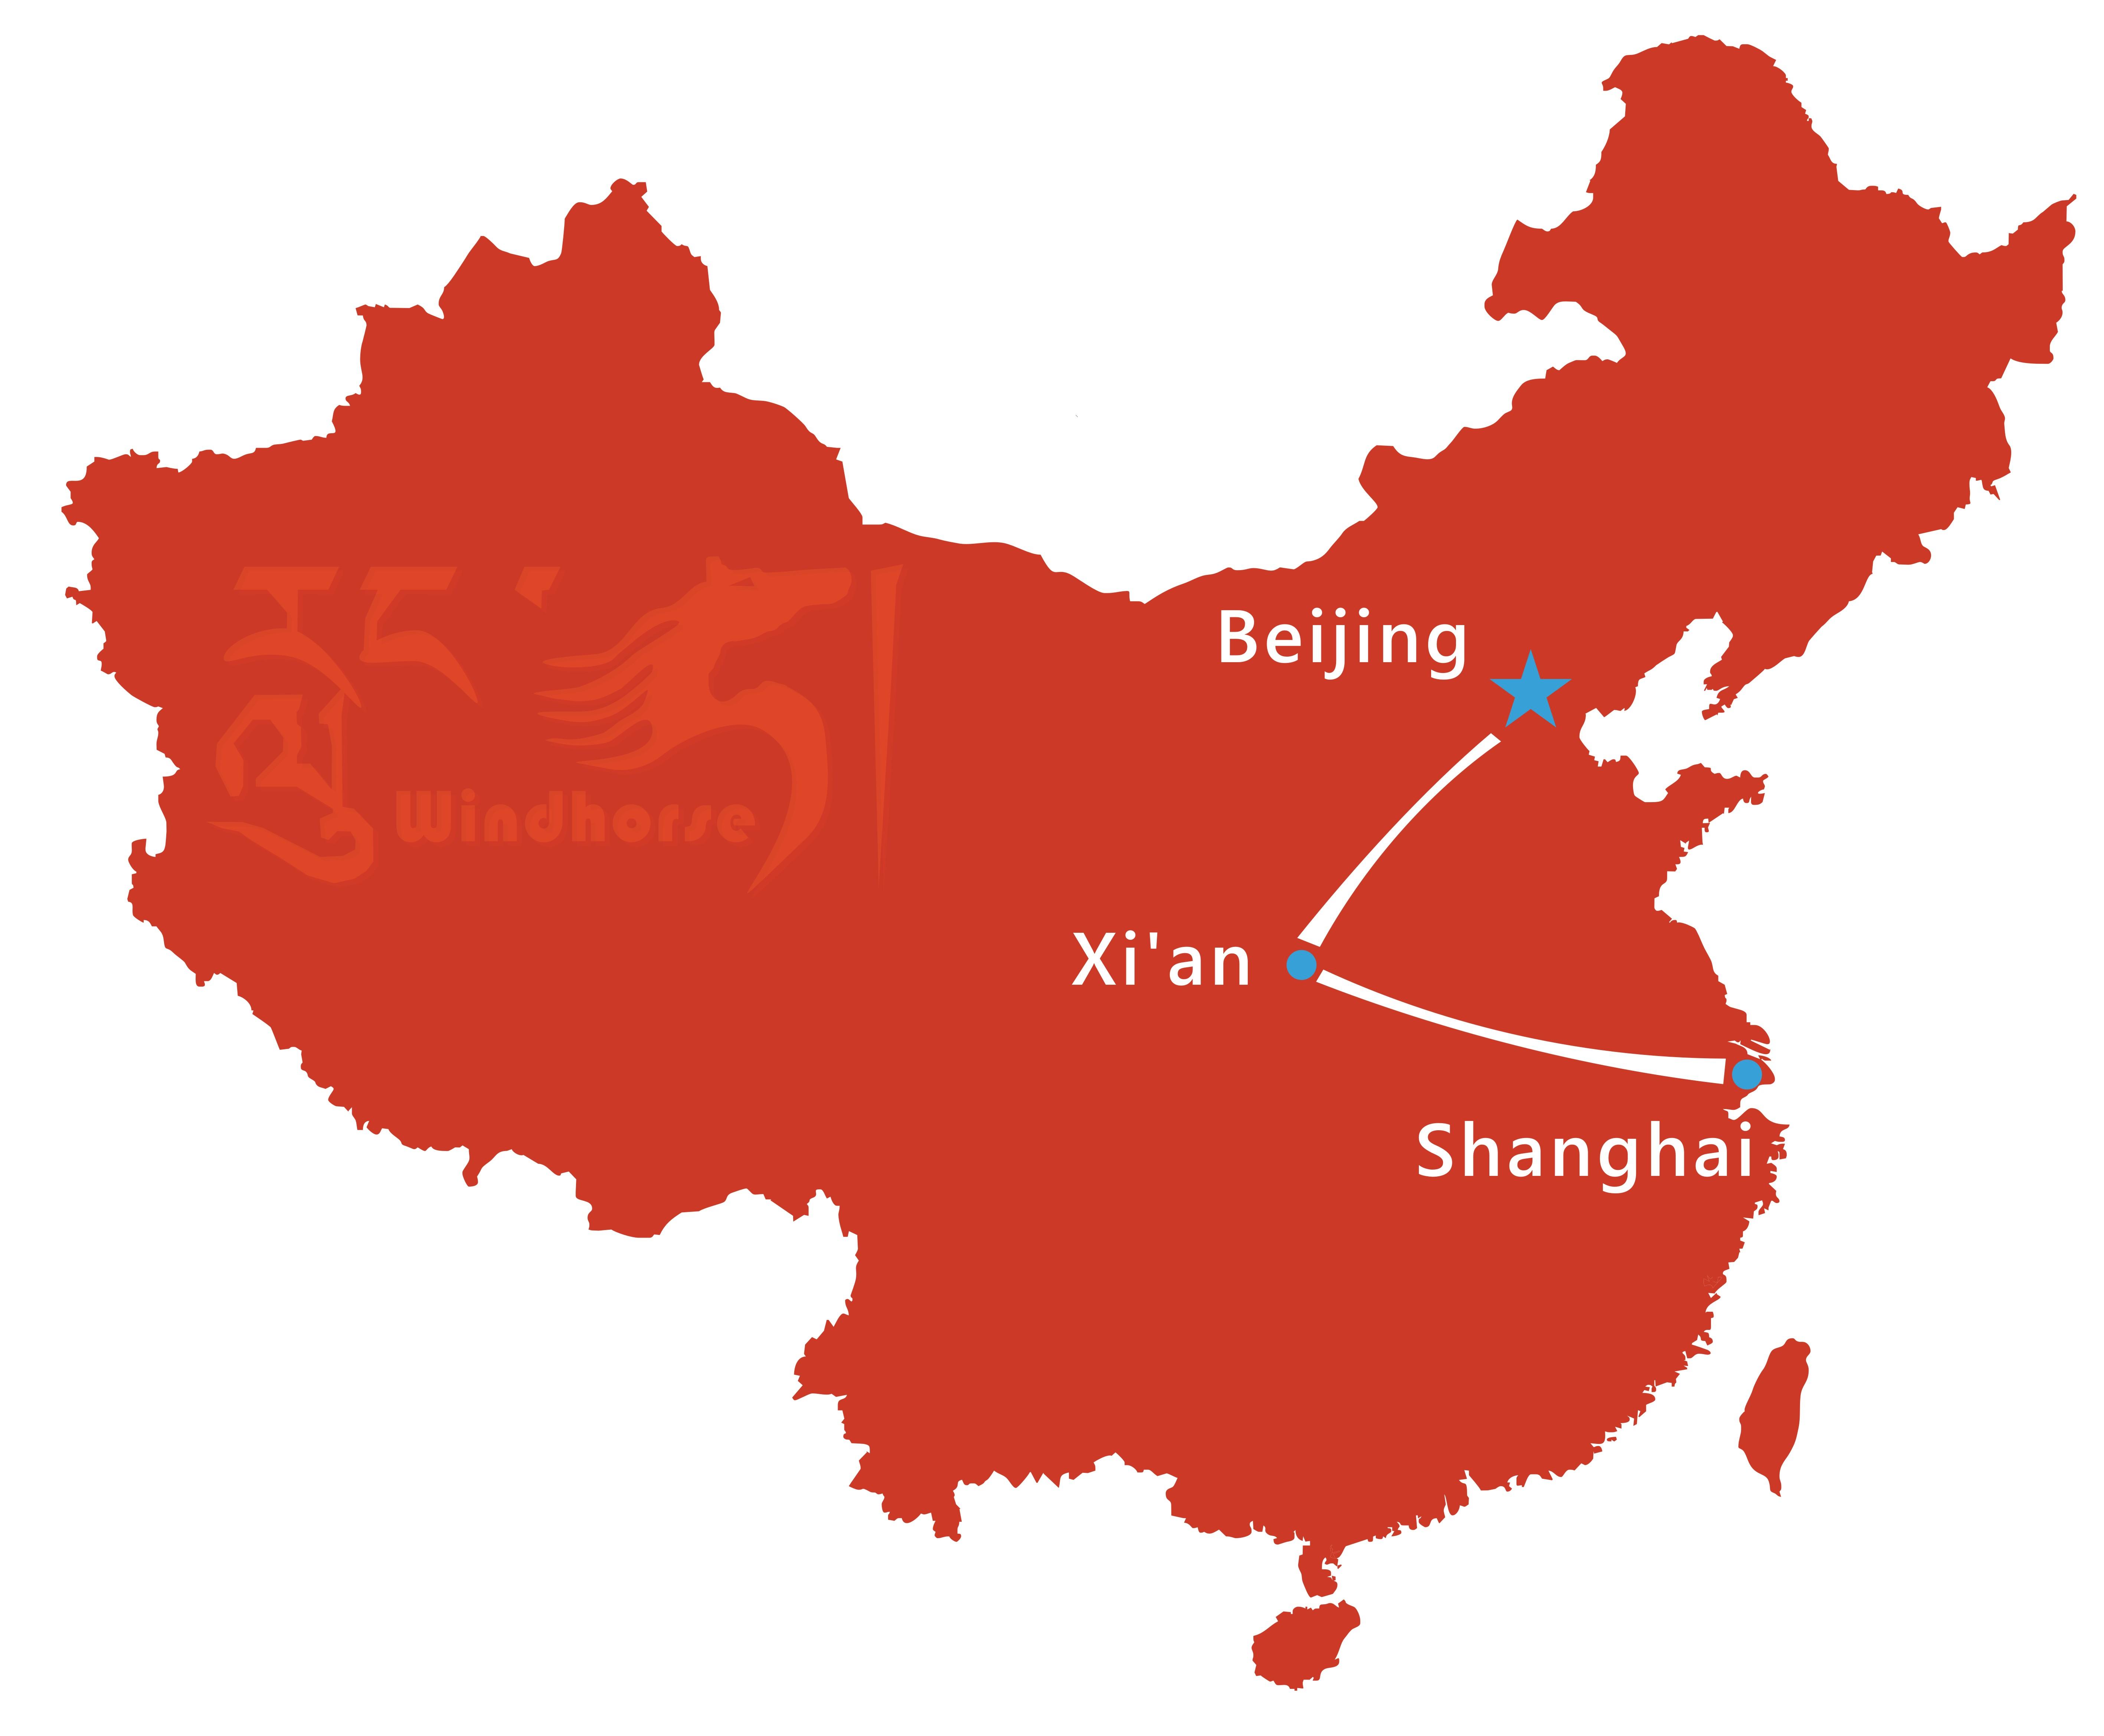 Beijing Xian Shanghai Tour Route